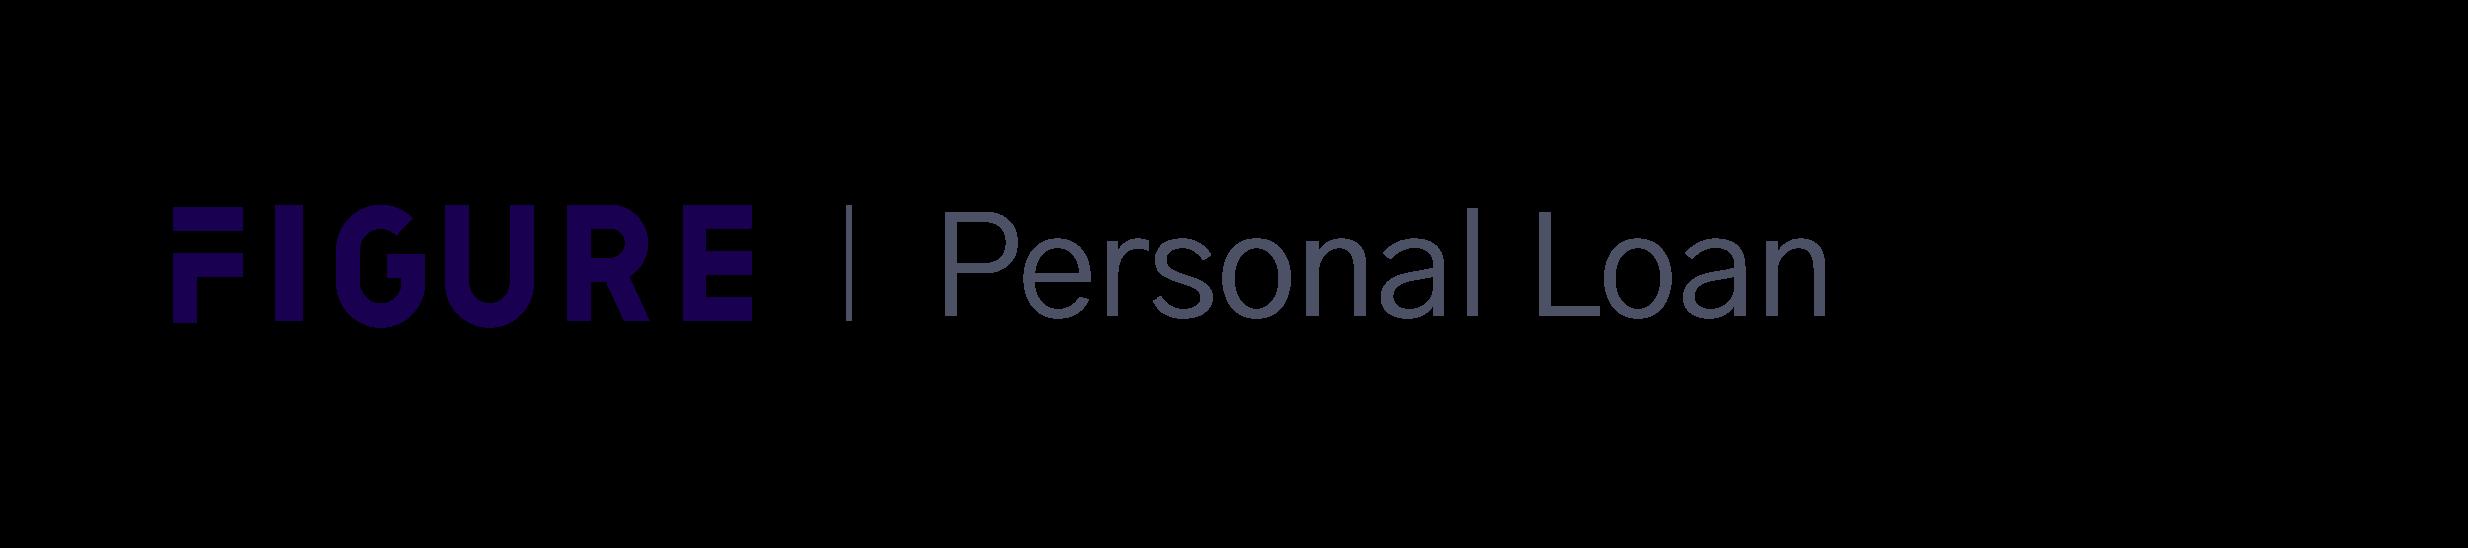 Figure Personal Loan